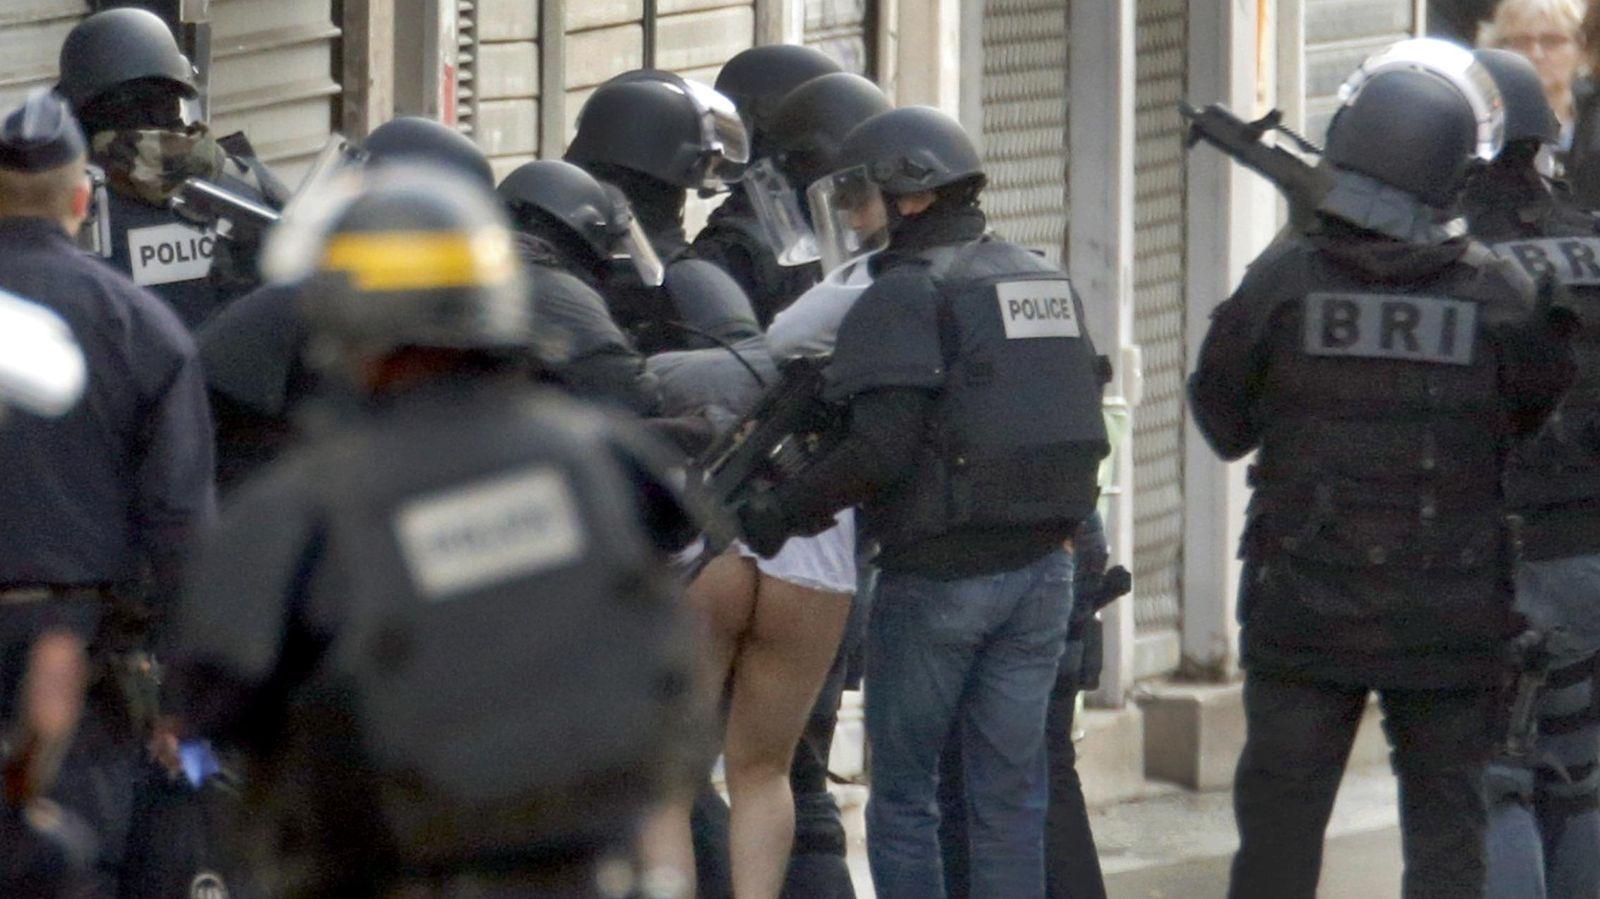 Foto: Un momento de la operación policial llevada a cabo en Saint-Denis. (Reuters)